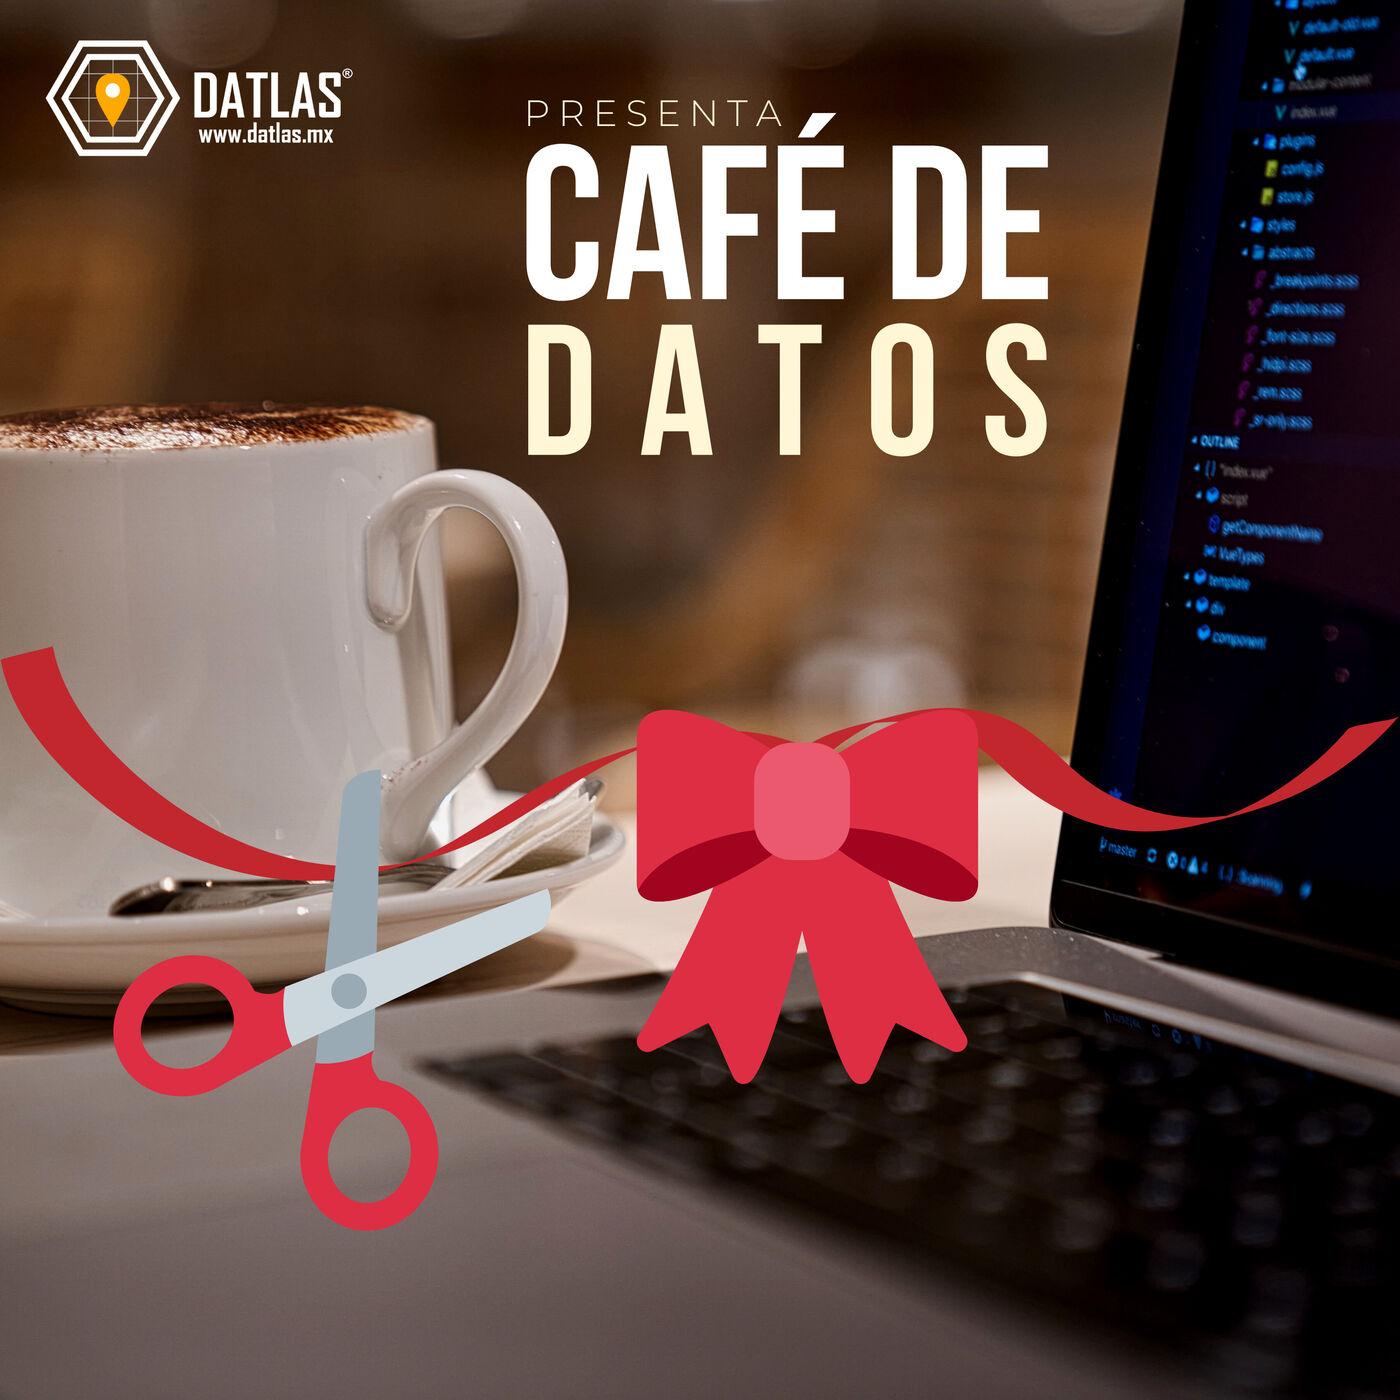 01. Lanzamiento Café de Datos, por Datlas